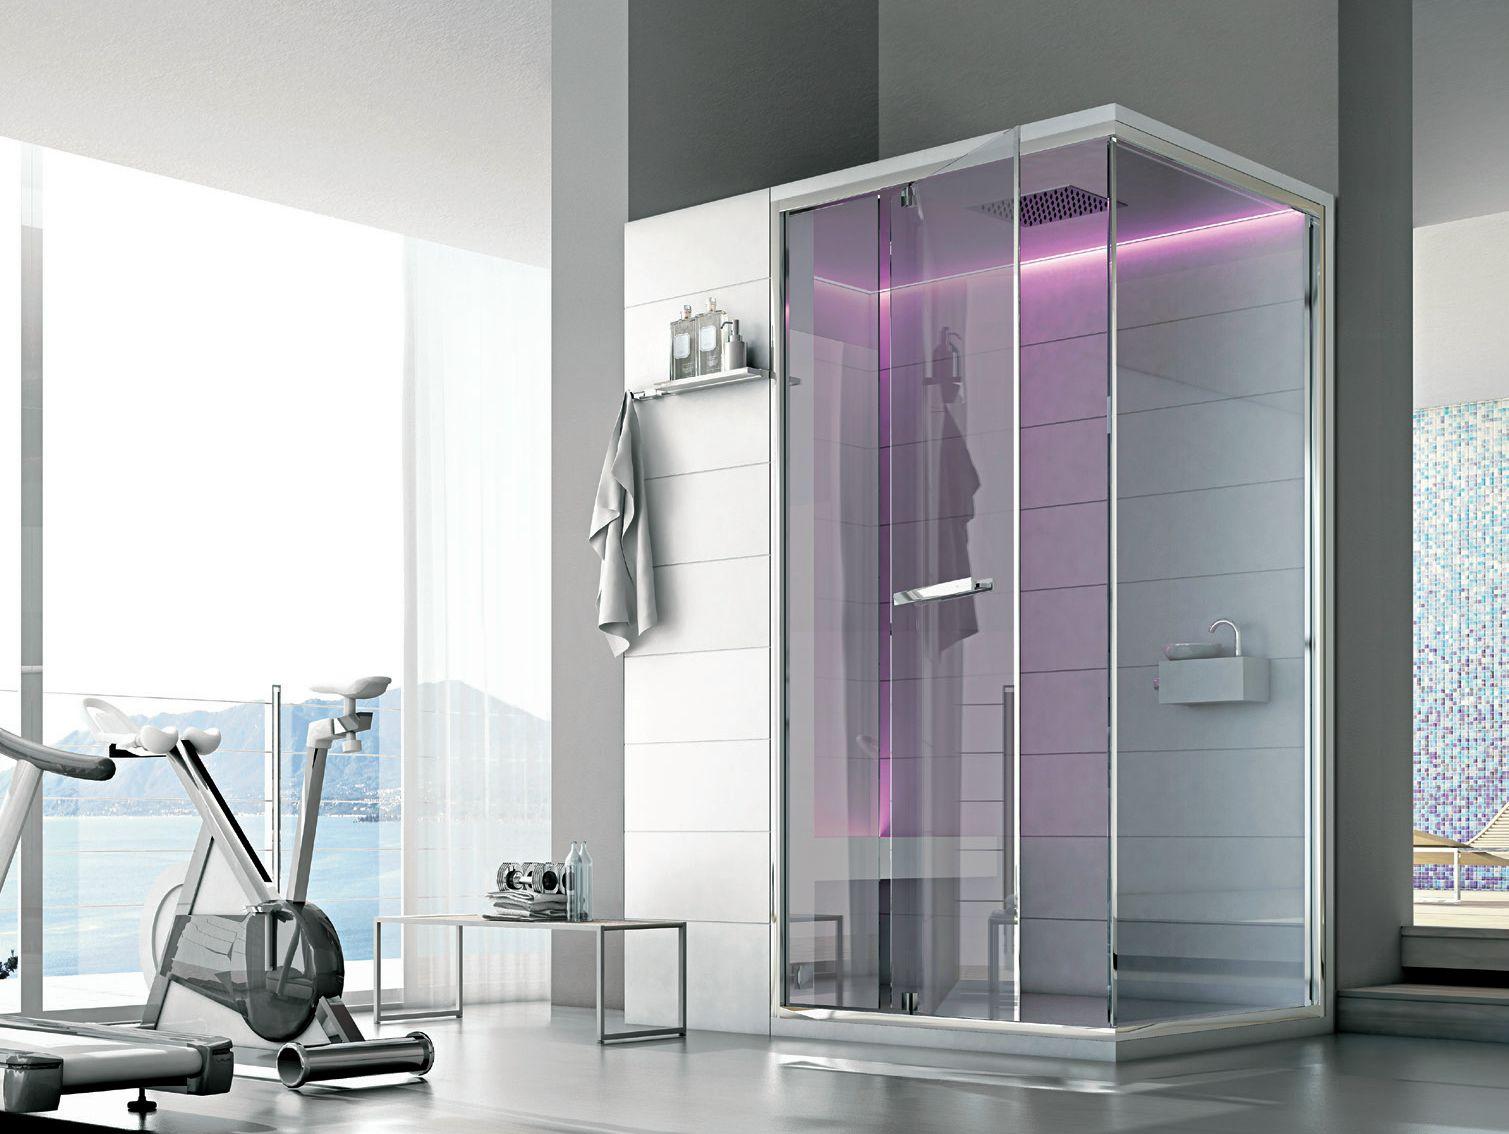 Lade per bagno turco ghibli bagno turco per cromoterapia for Progettazione casa generatore